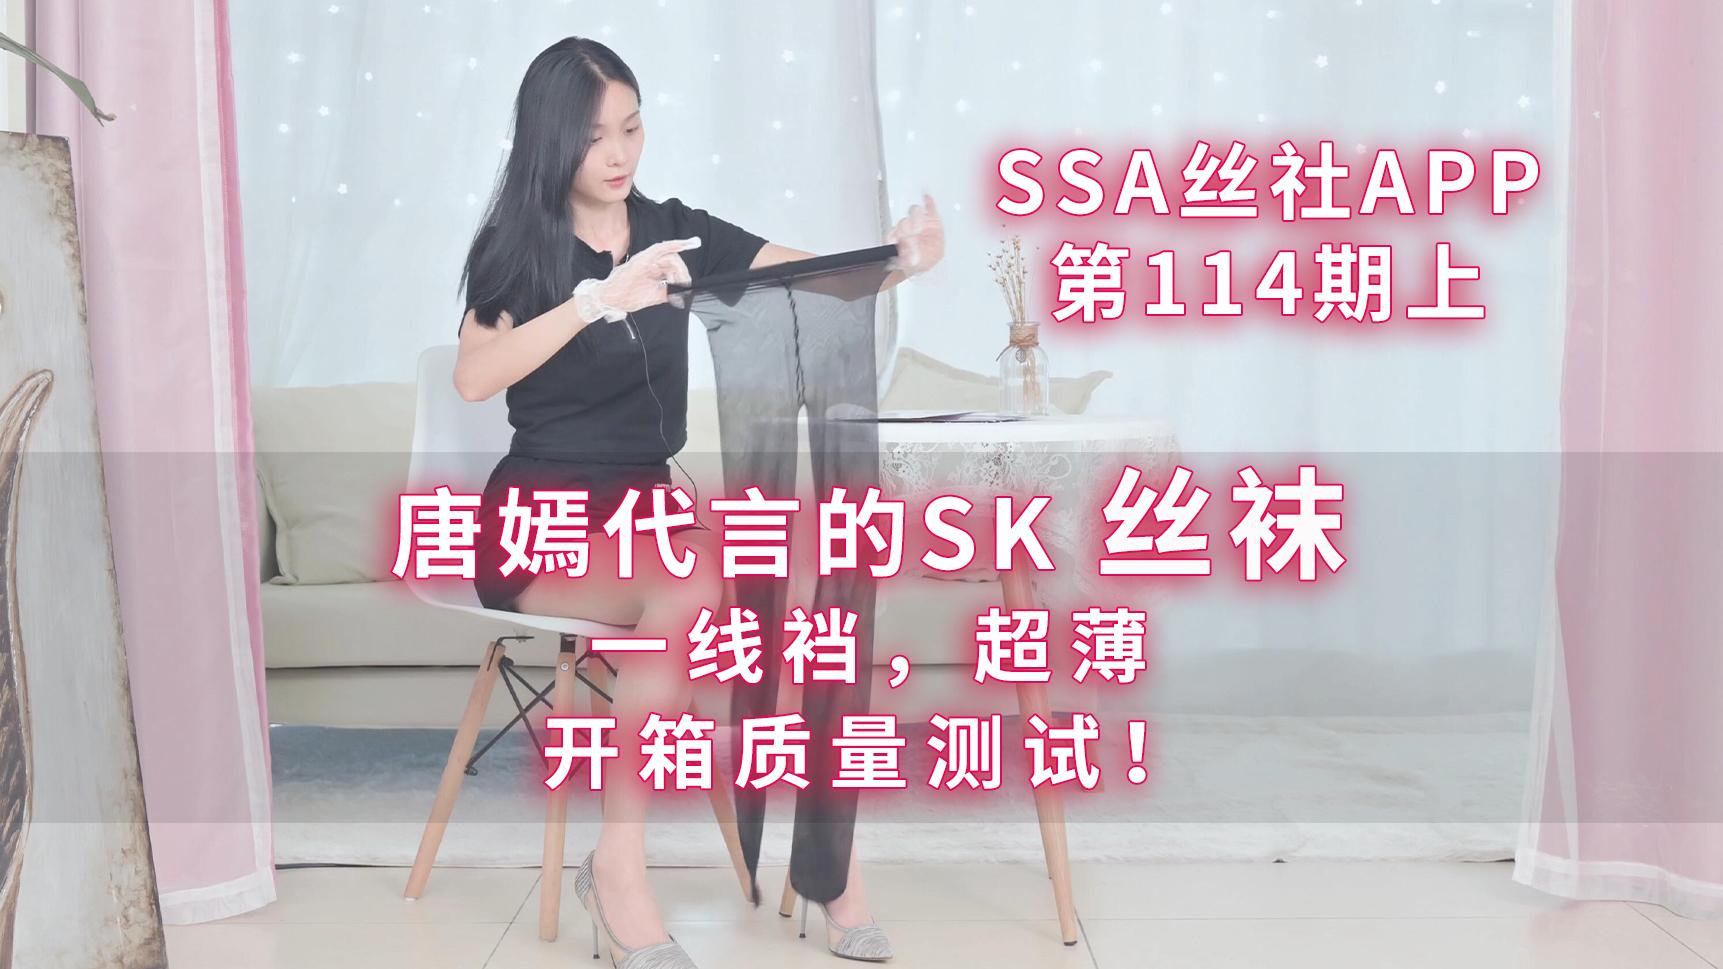 【ssa】SK无痕自由袜,一线裆的物理质量测试(114期)(上)删减版